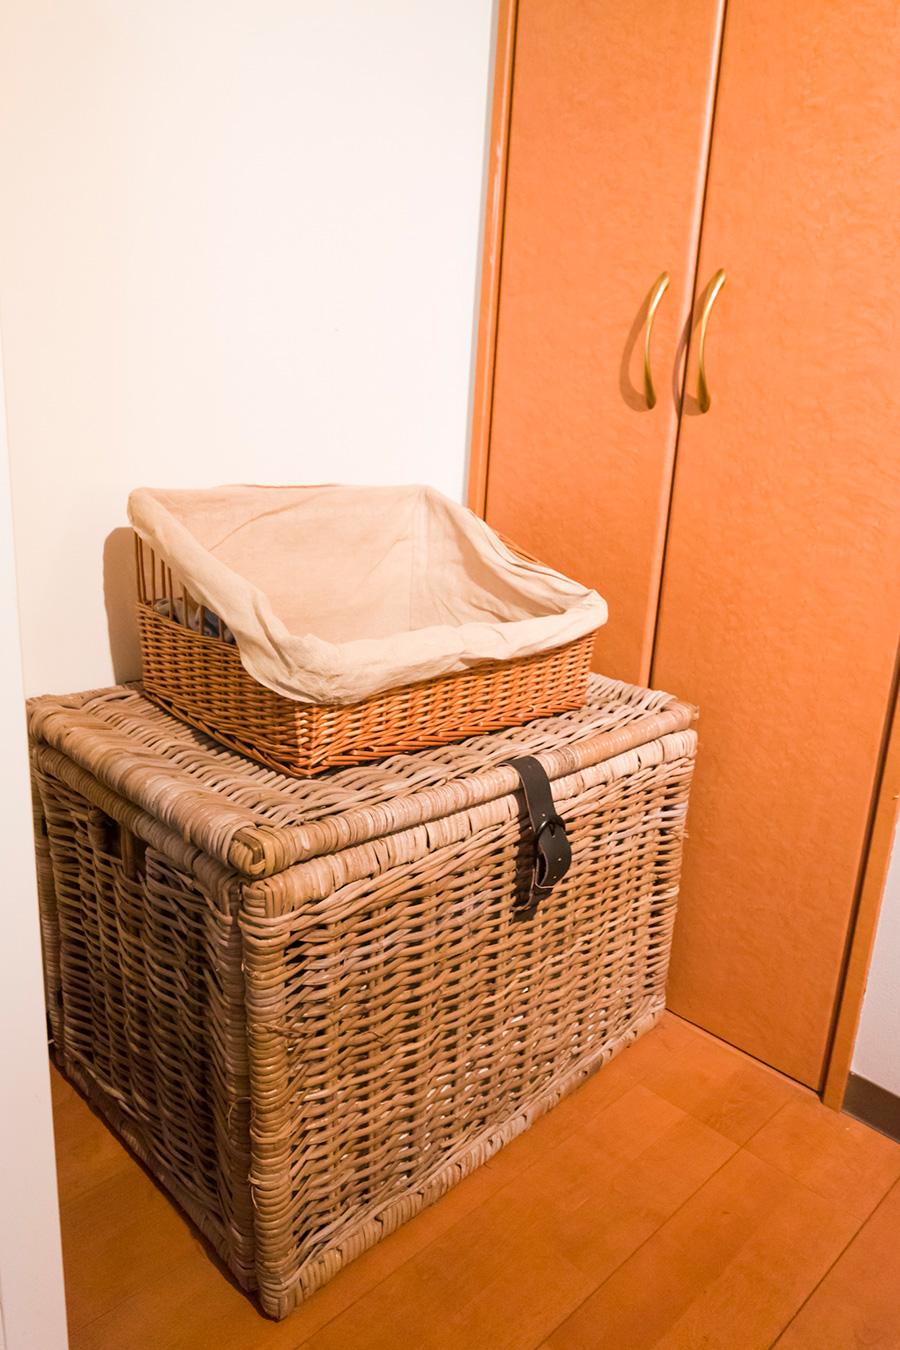 大きなバスケットは、毛布や洗い替えなどを入れたブランケットボックス。上の籠は脱いだものの一時保管に。